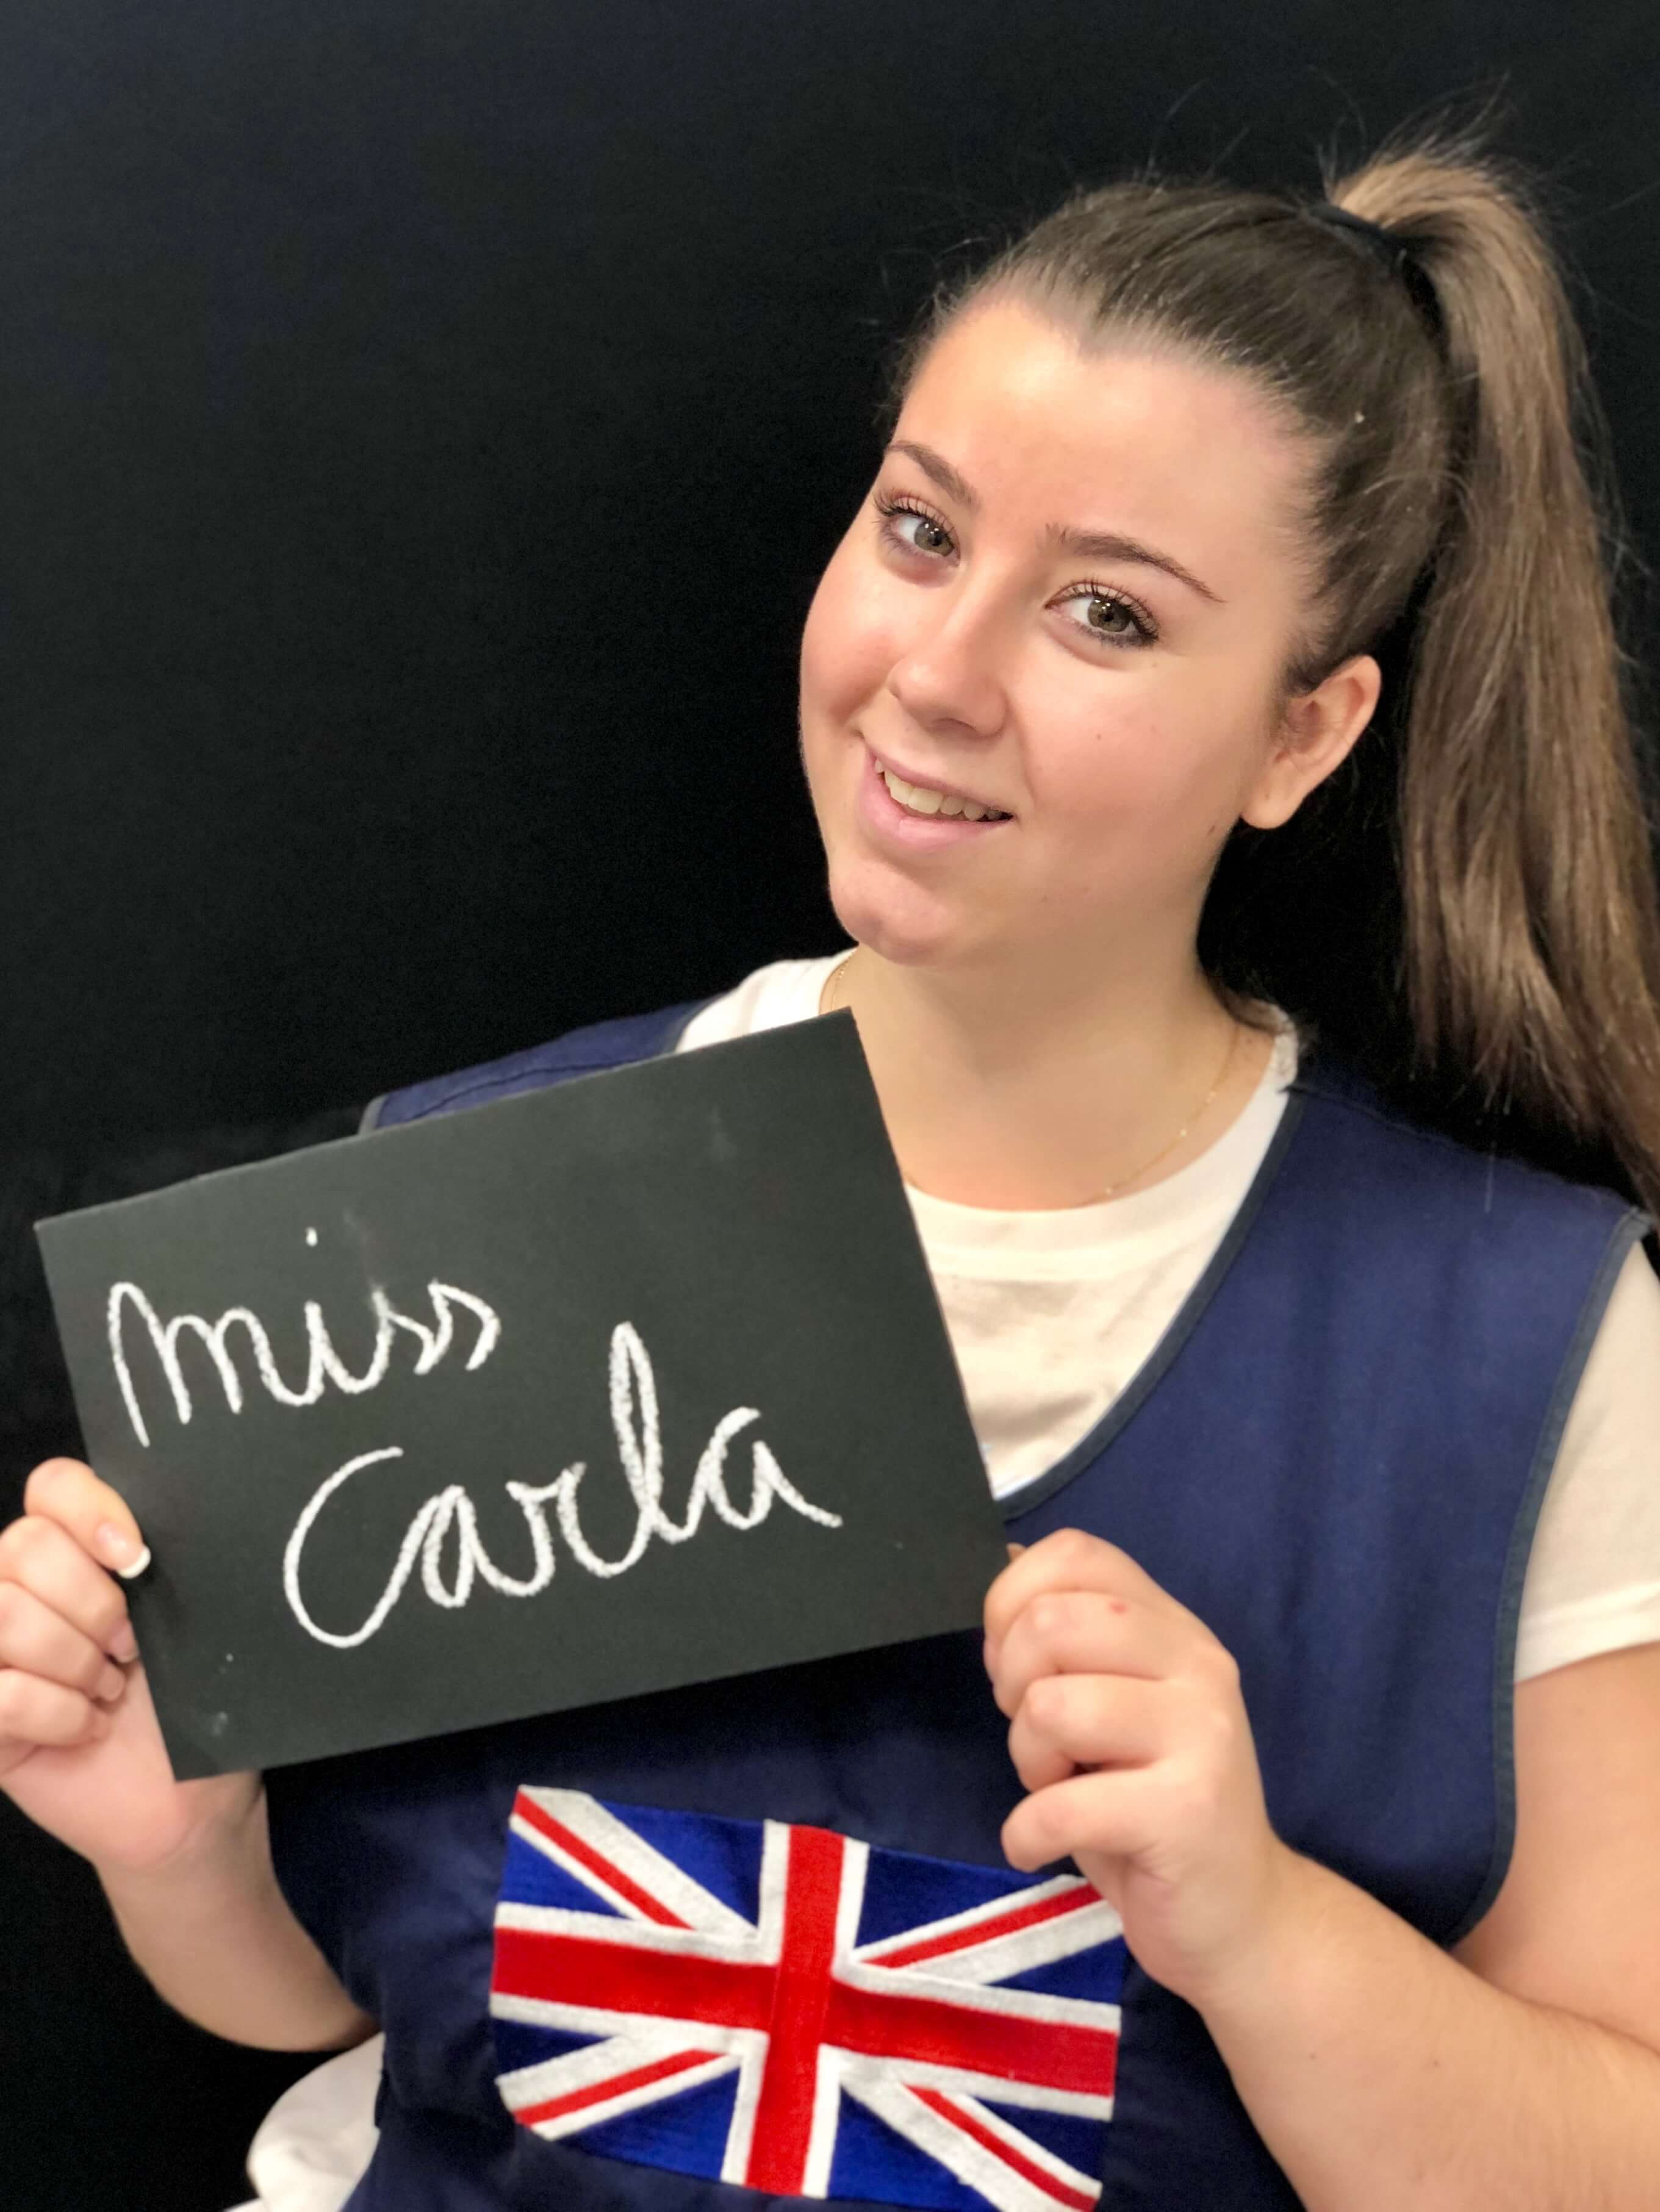 Miss Carla